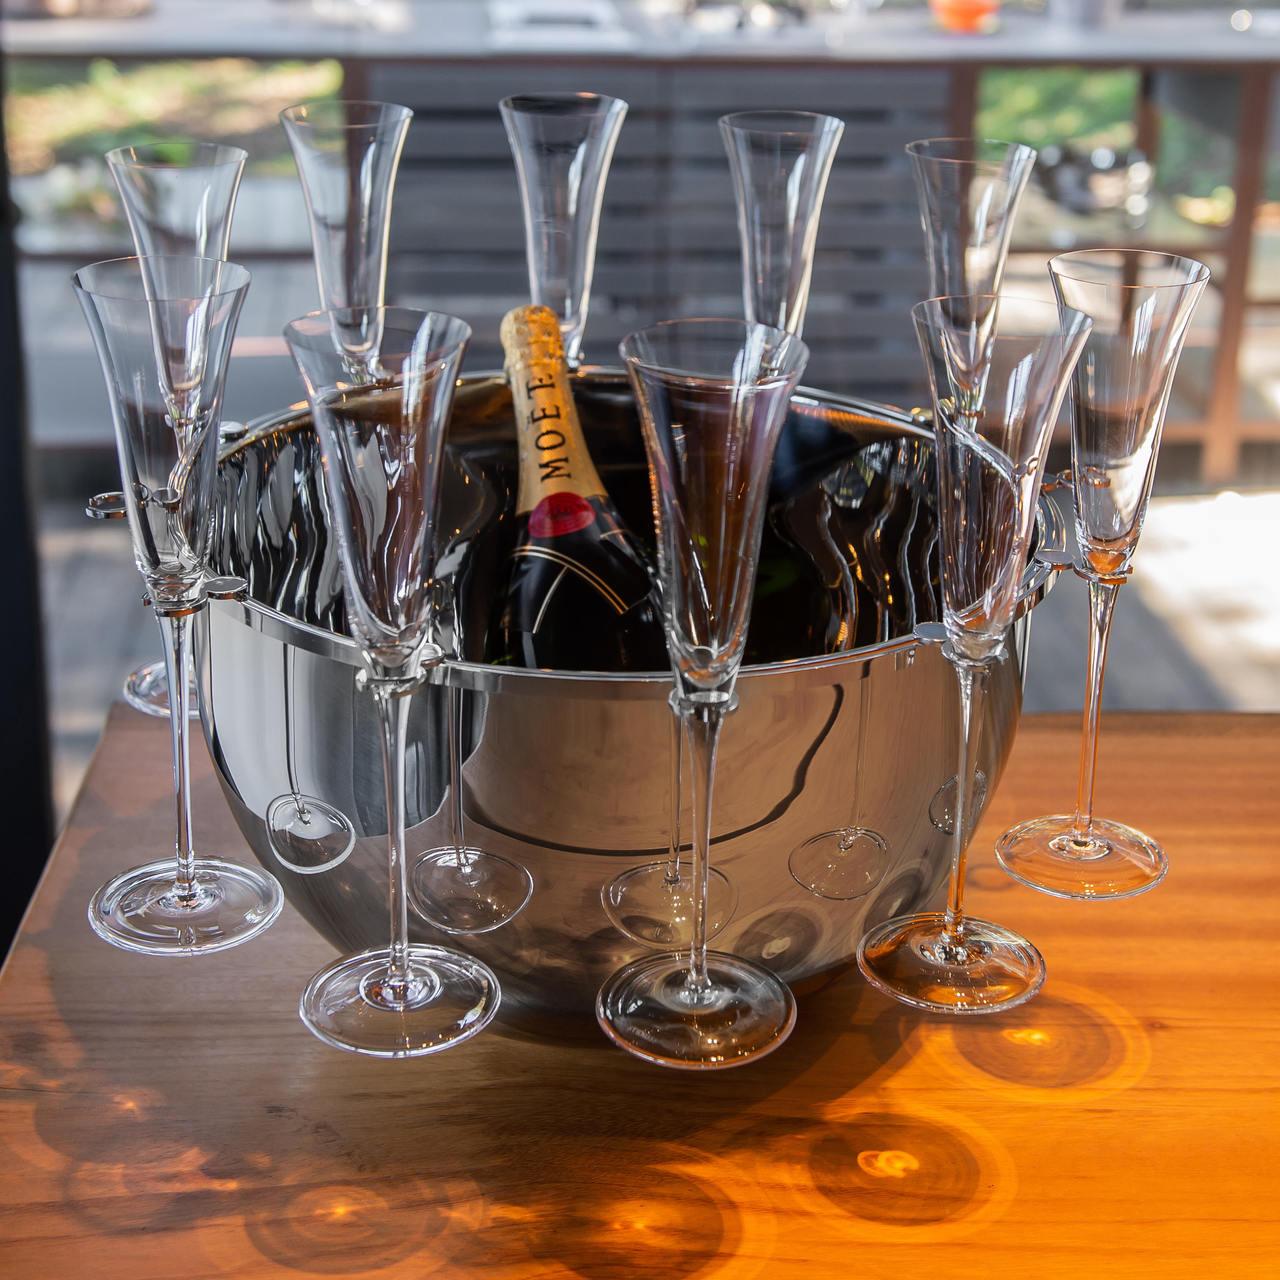 Champanheira Bottega em Inox c/ suporte 12 taças - Cód.: R02168 - RV